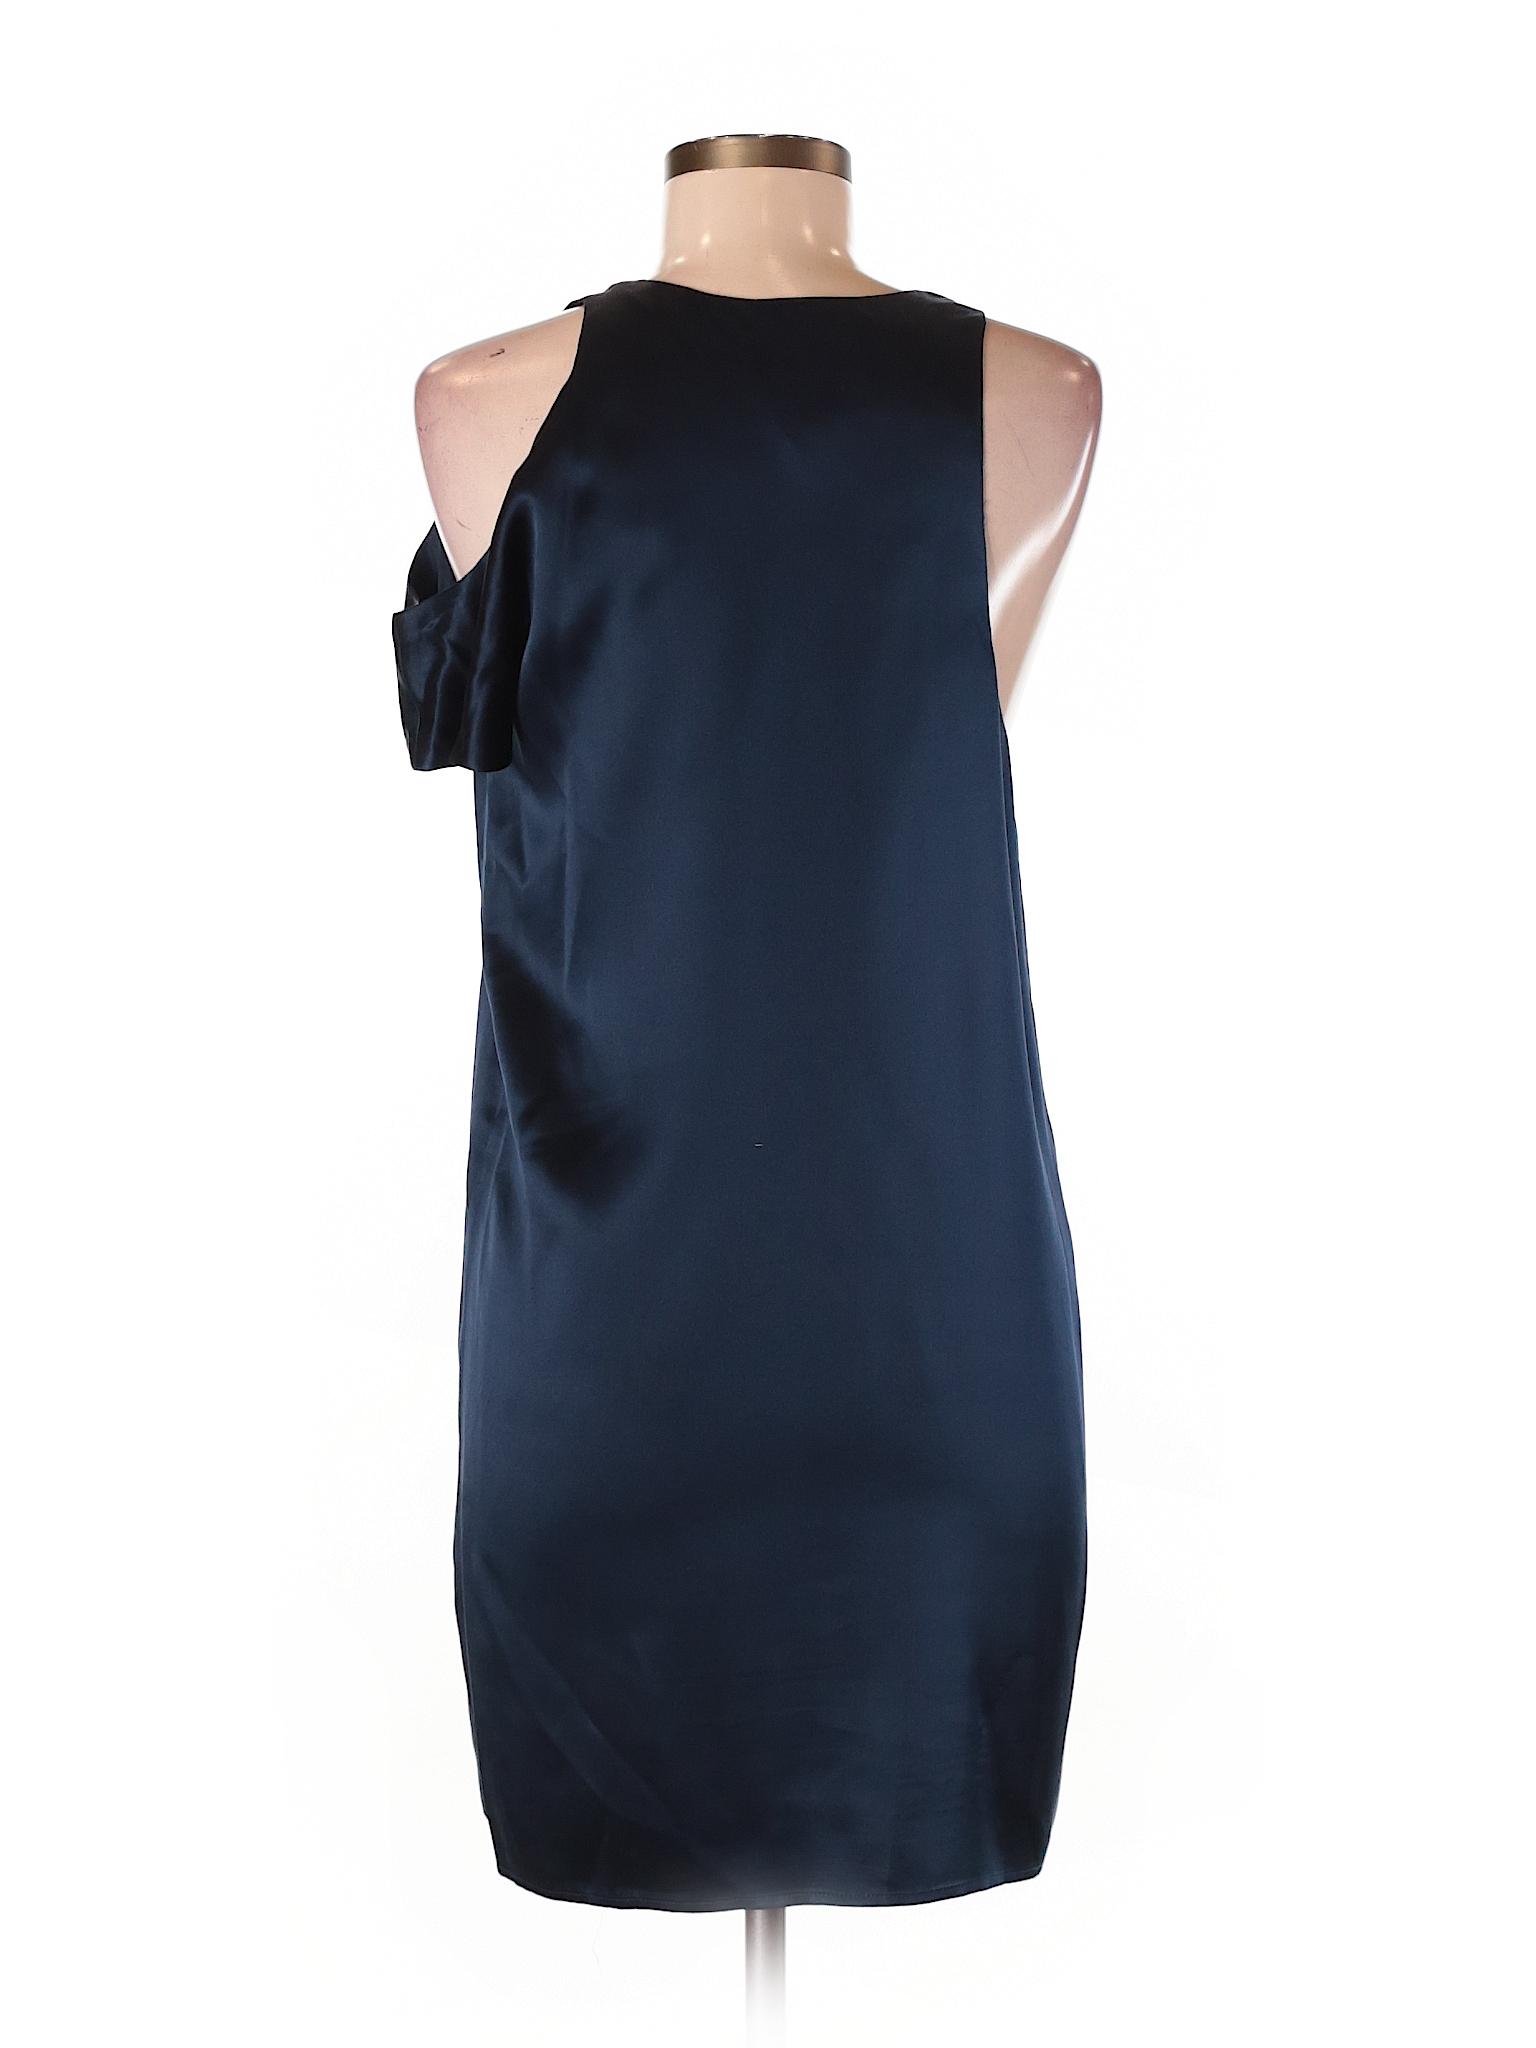 Boutique Casual Mason winter Boutique Boutique Mason Dress winter Casual winter Dress OxZ5ZqnR4w